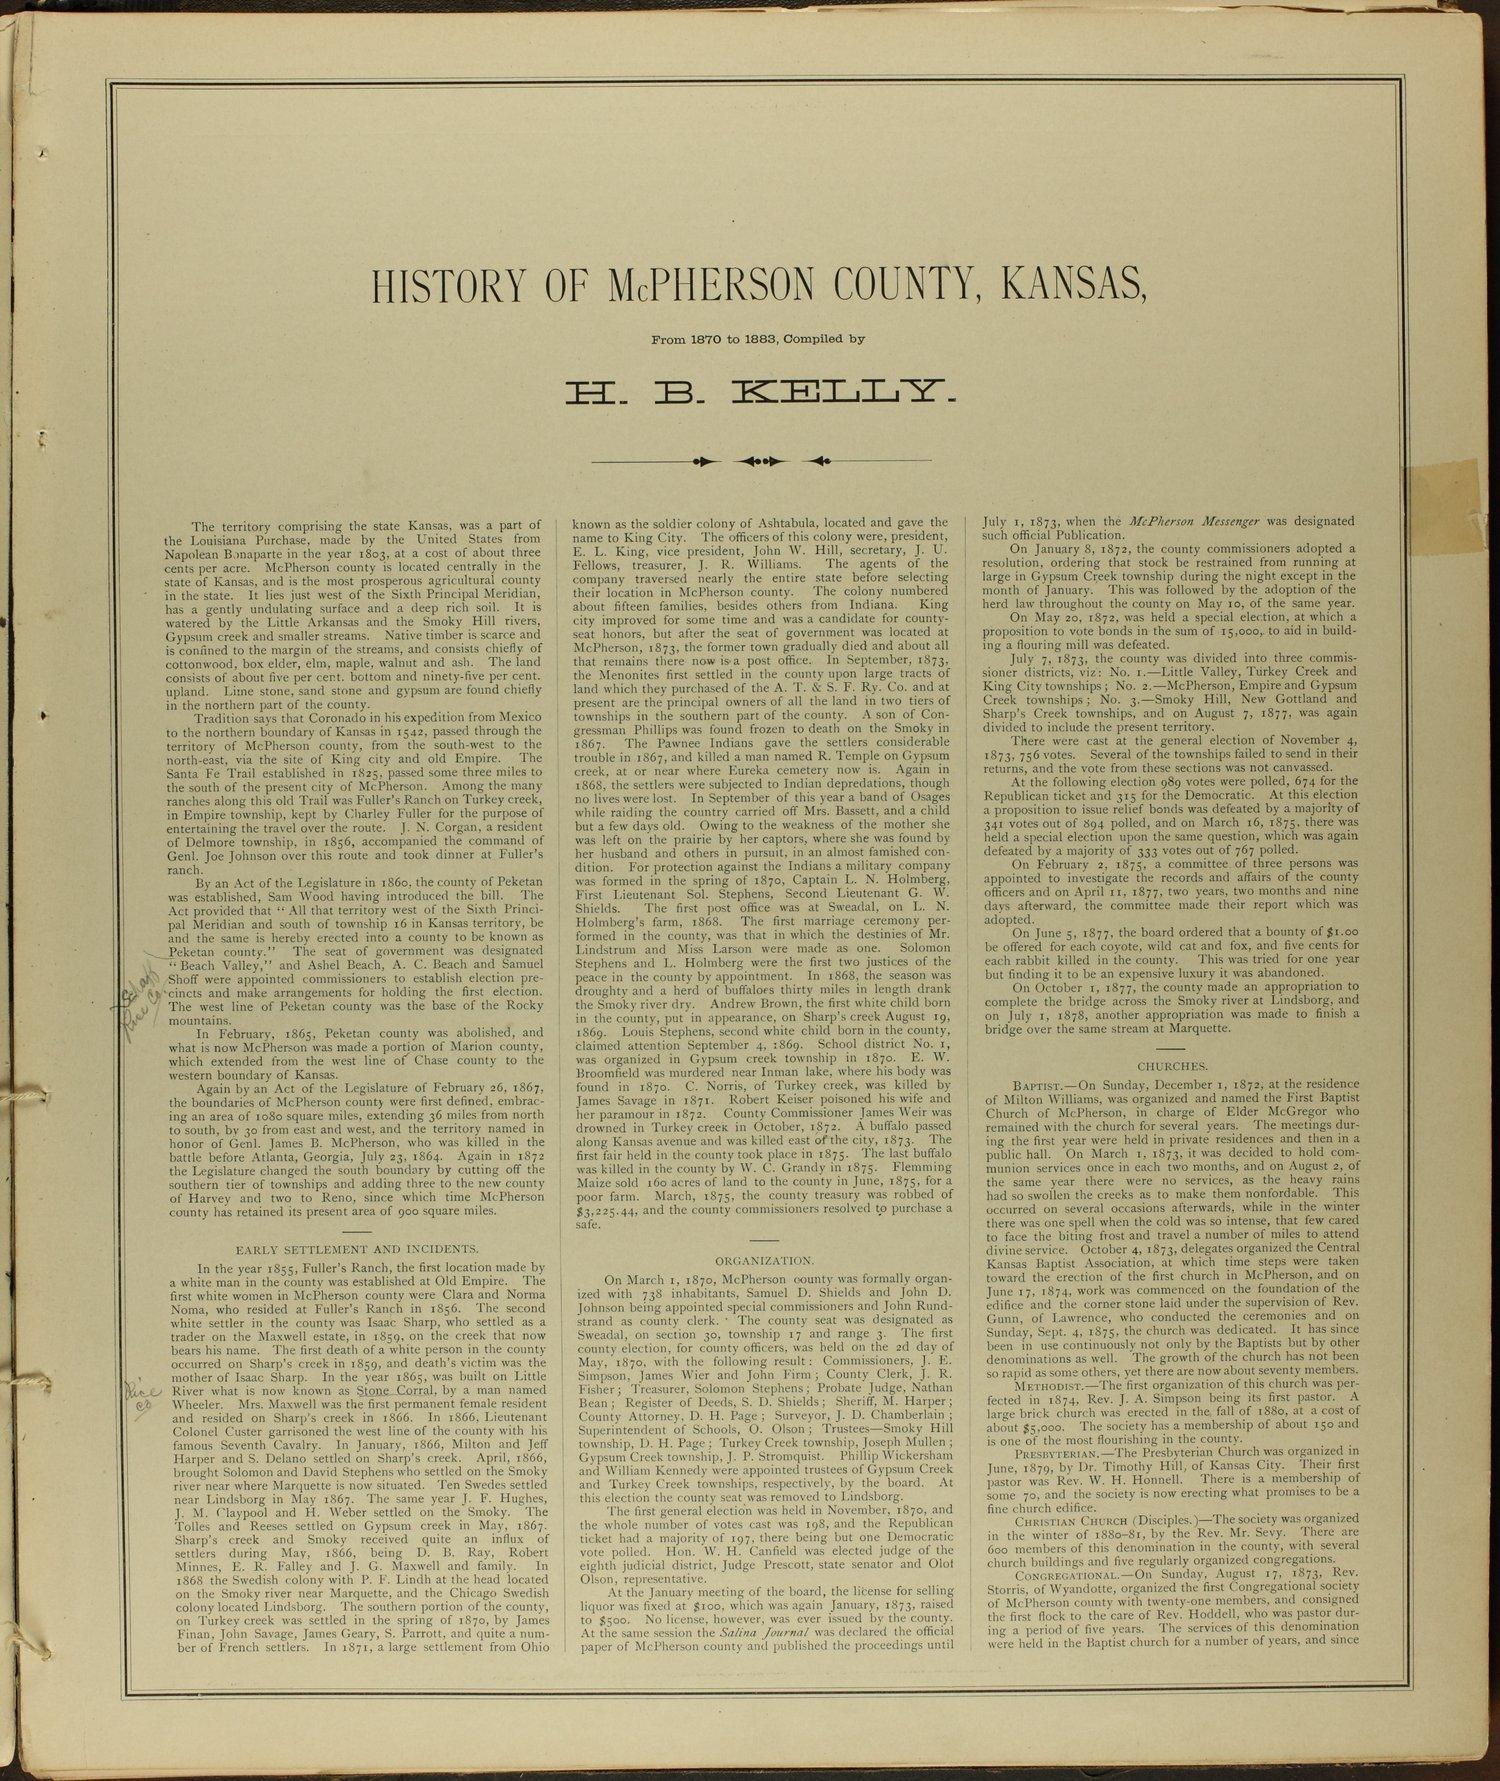 Edwards' atlas of McPherson County, Kansas - 7